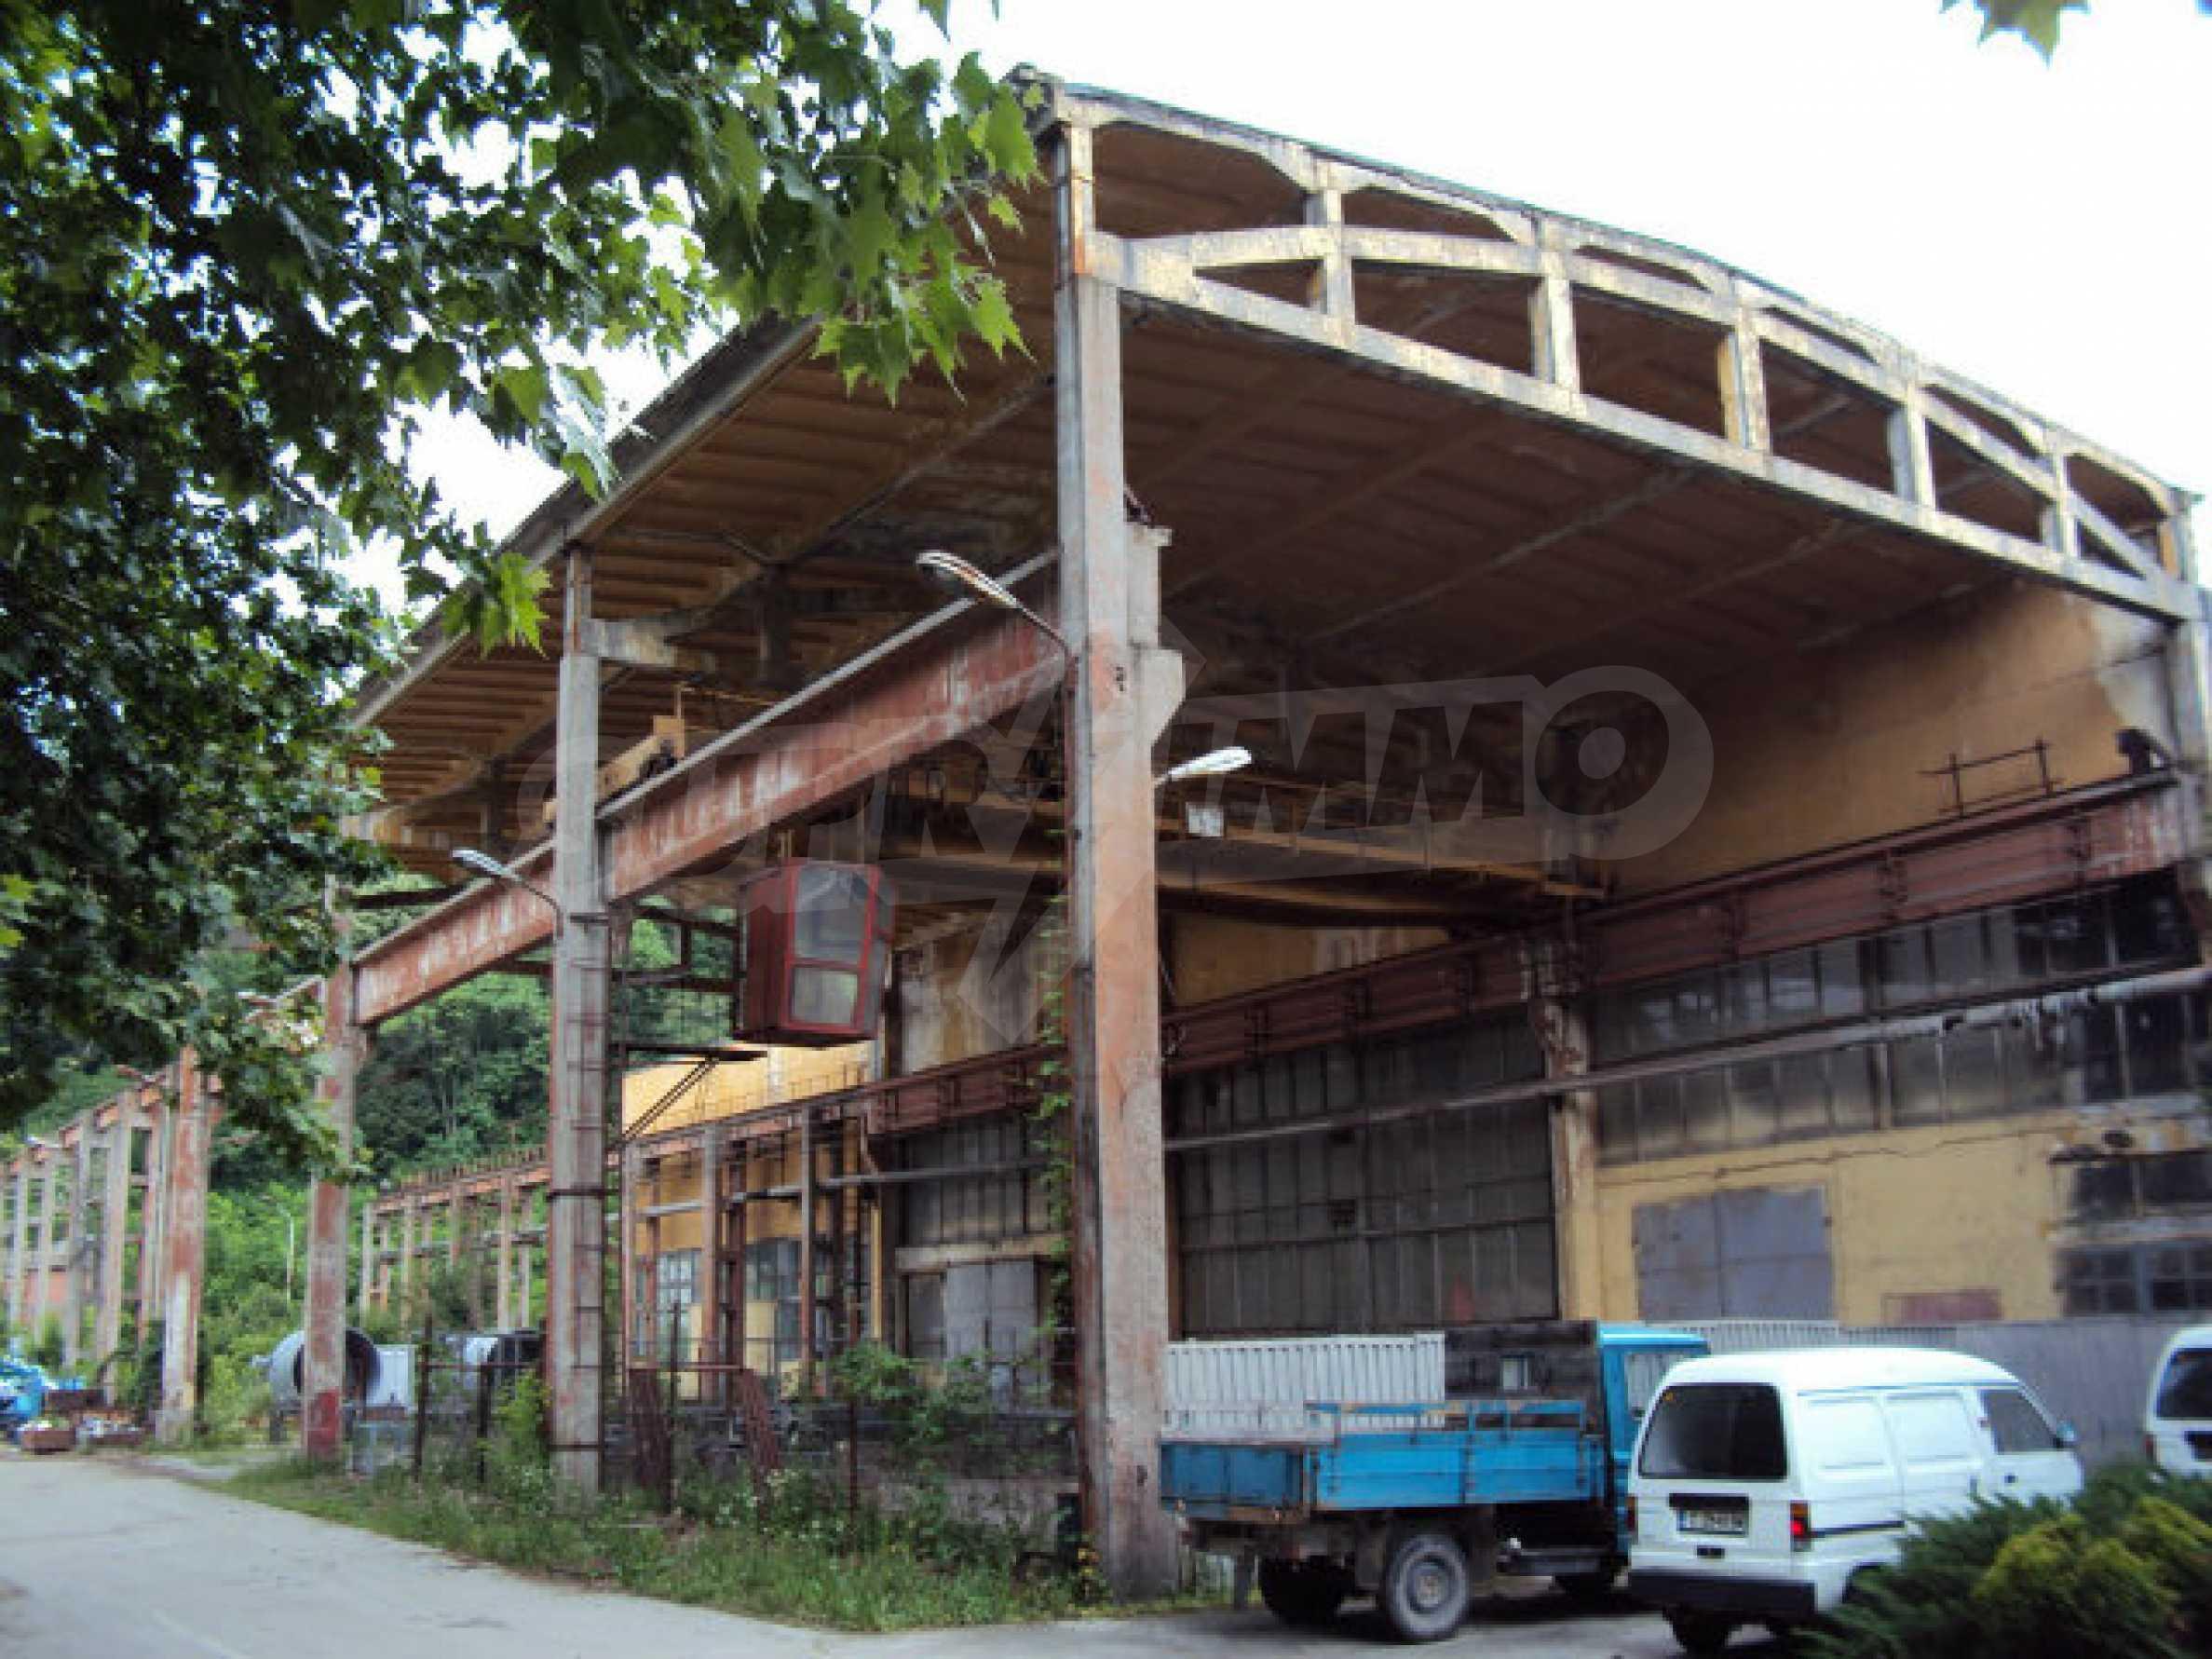 Factory for metal parts in Veliko Tarnovo 9